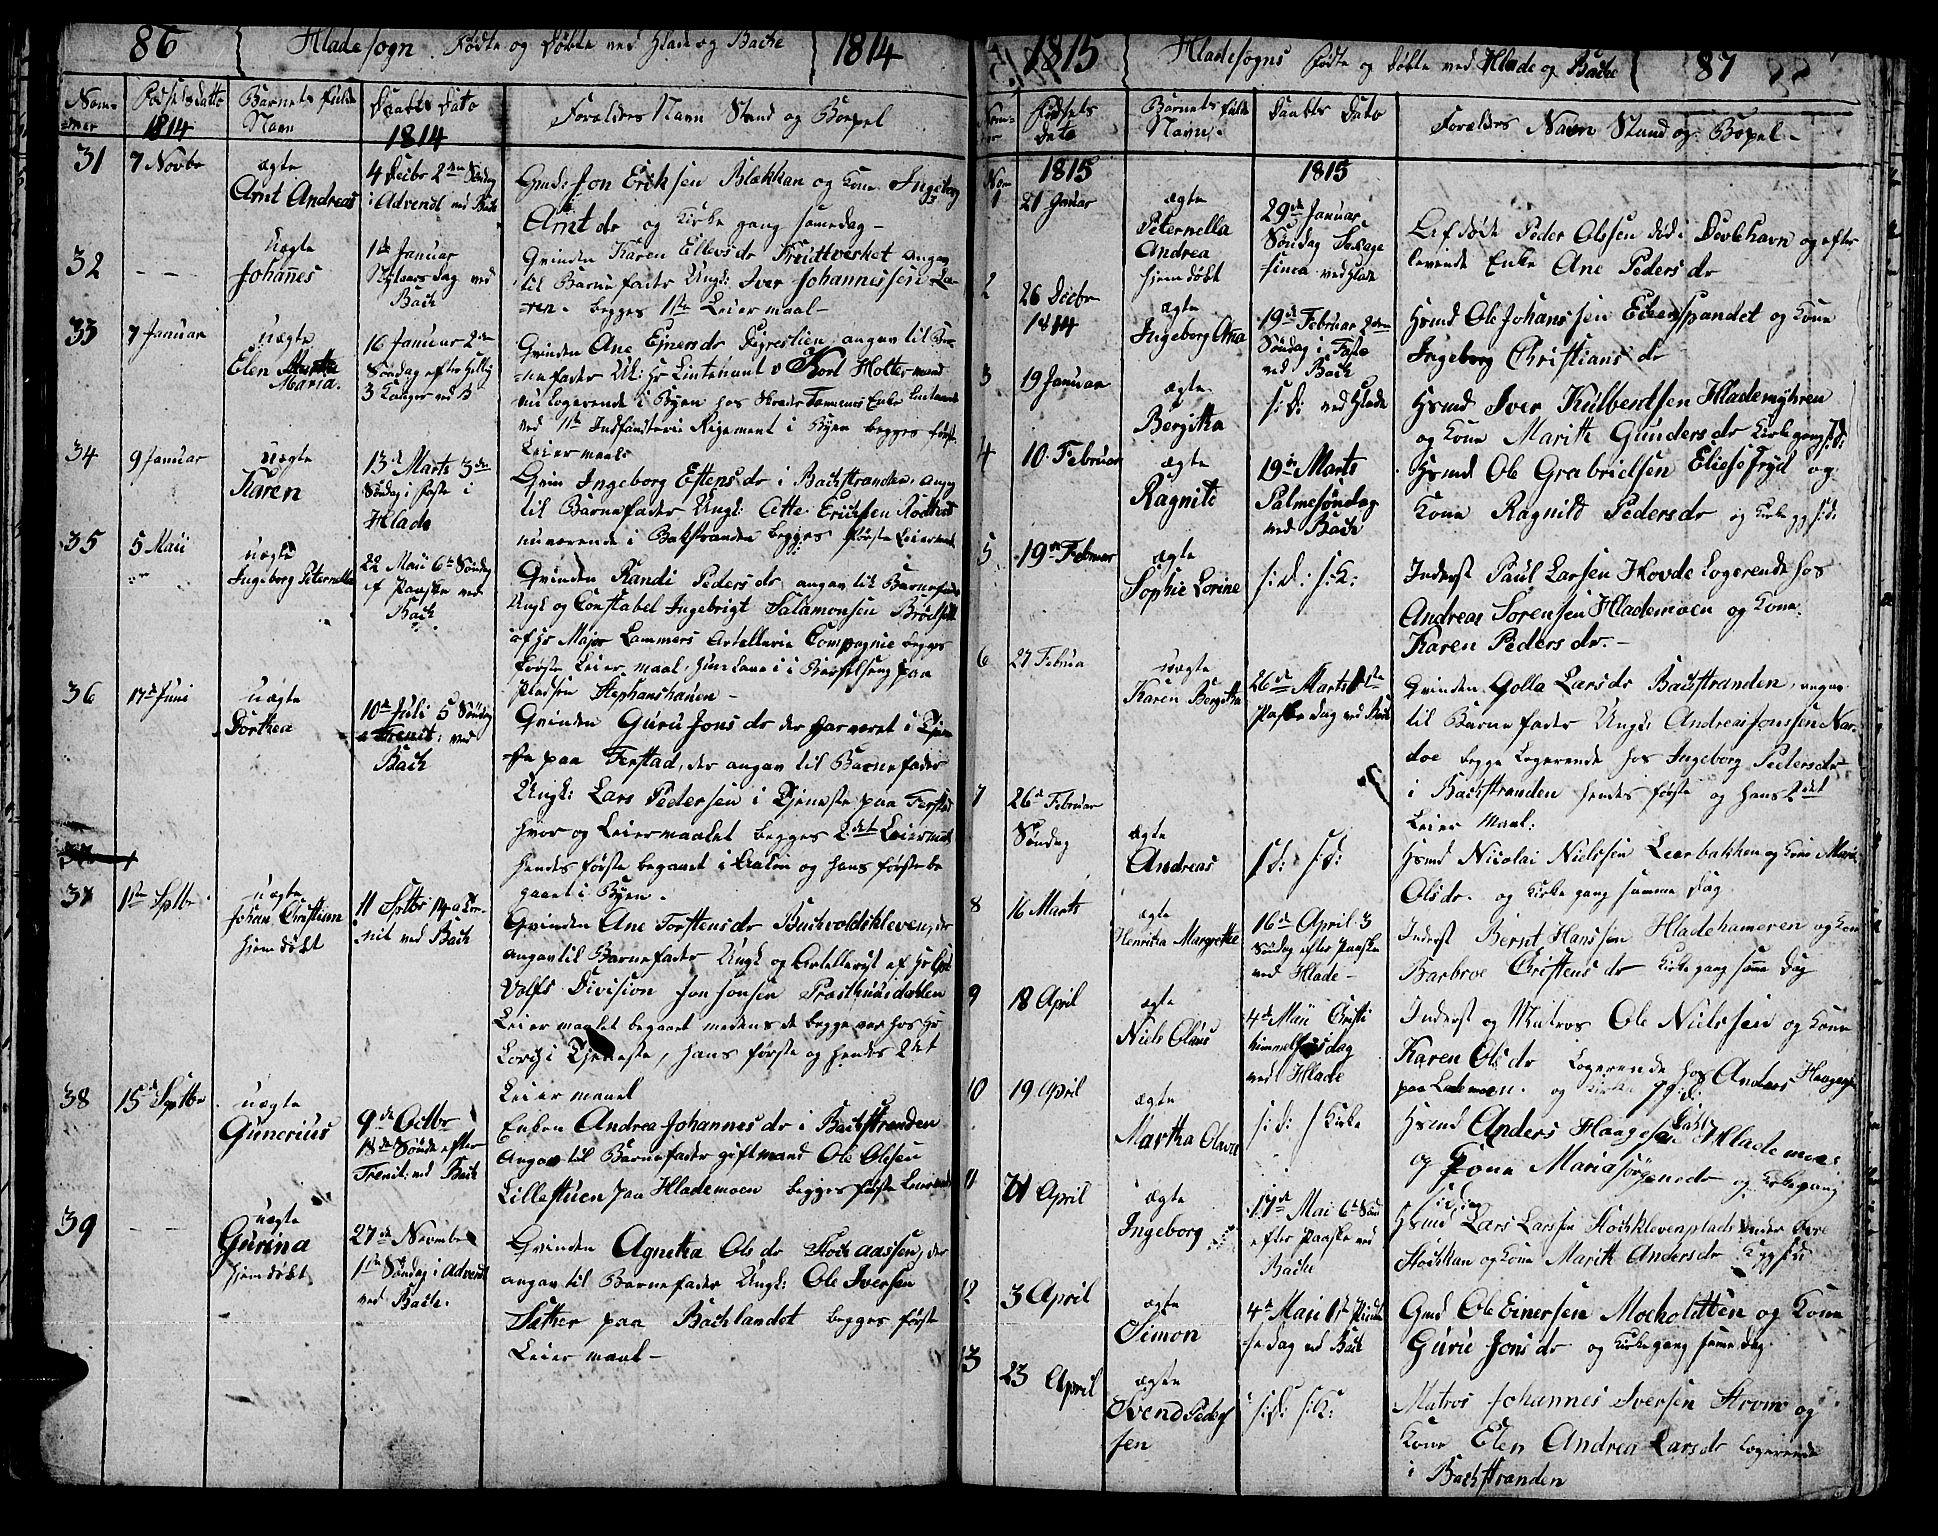 SAT, Ministerialprotokoller, klokkerbøker og fødselsregistre - Sør-Trøndelag, 606/L0306: Klokkerbok nr. 606C02, 1797-1829, s. 86-87